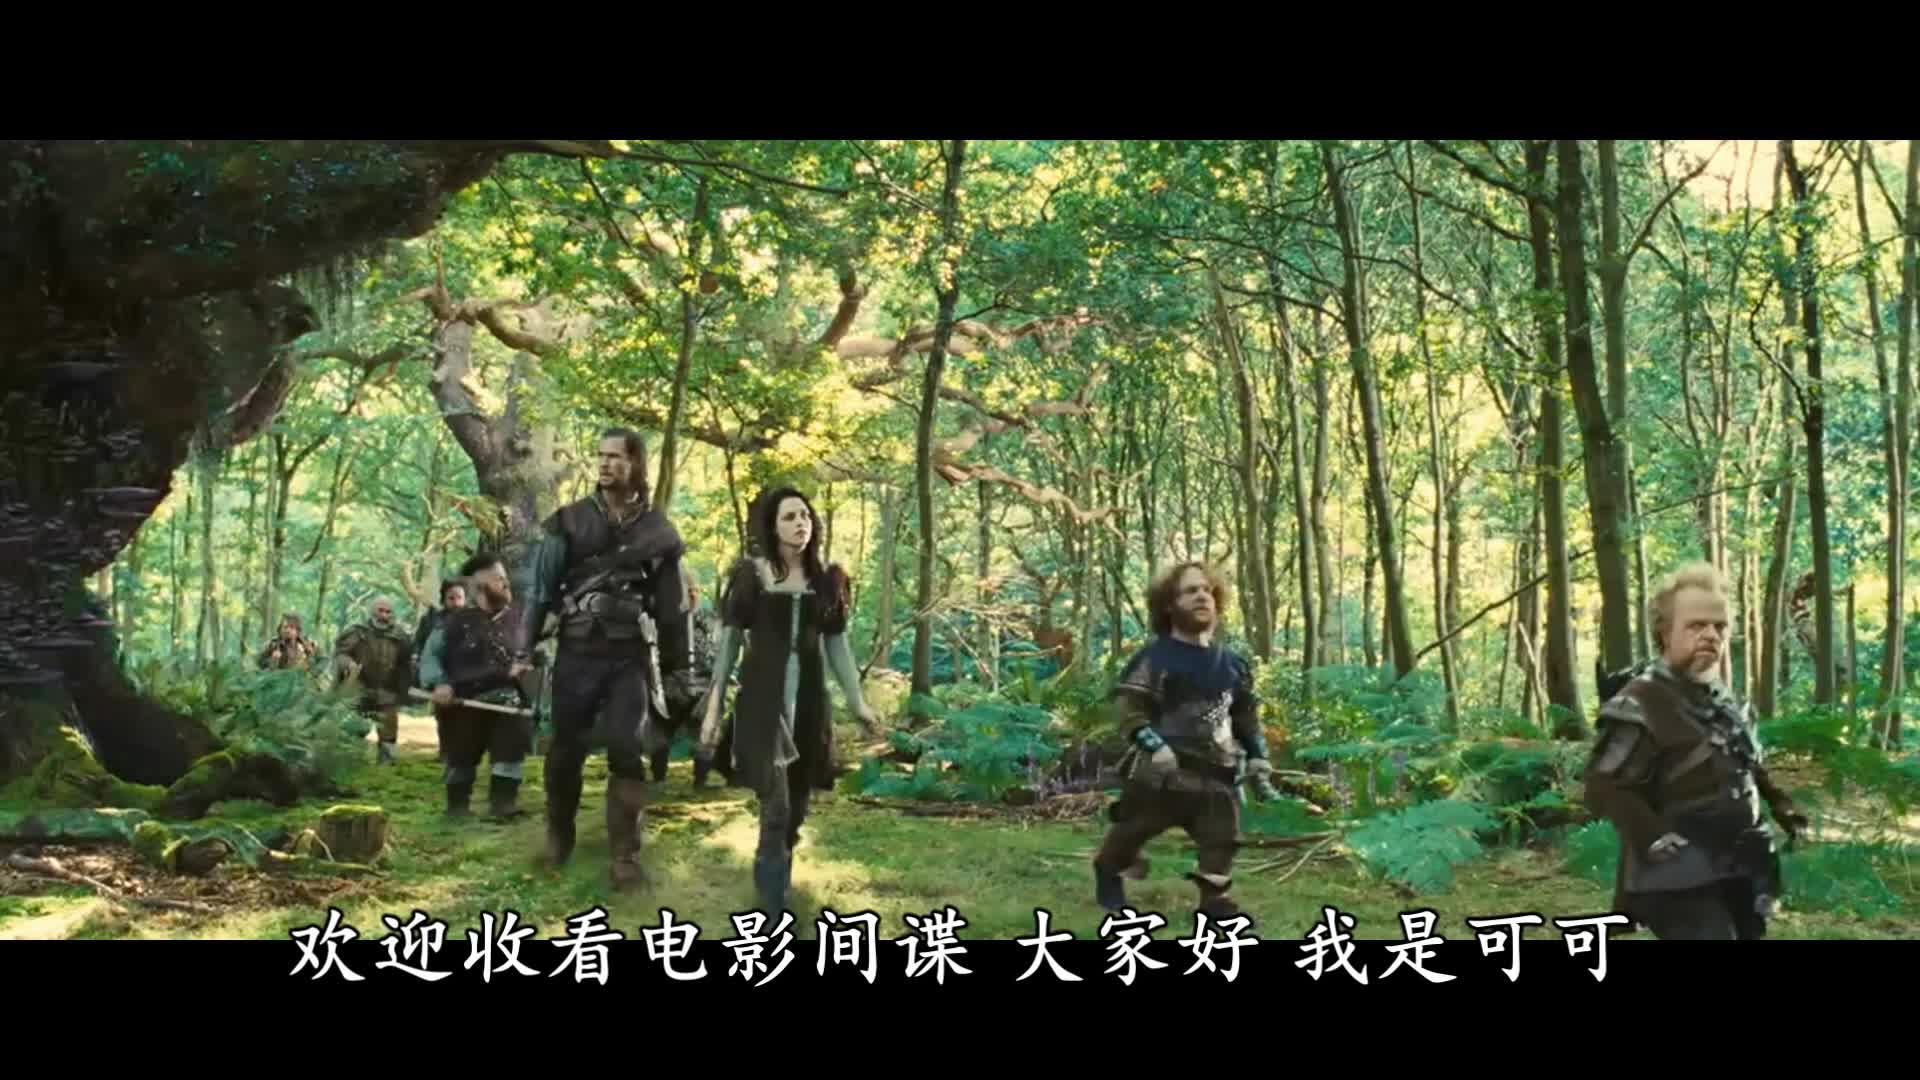 #经典看电影#一部大饱眼福的黑暗童话故事,白雪公主被猎人吻醒,让人三观尽毁